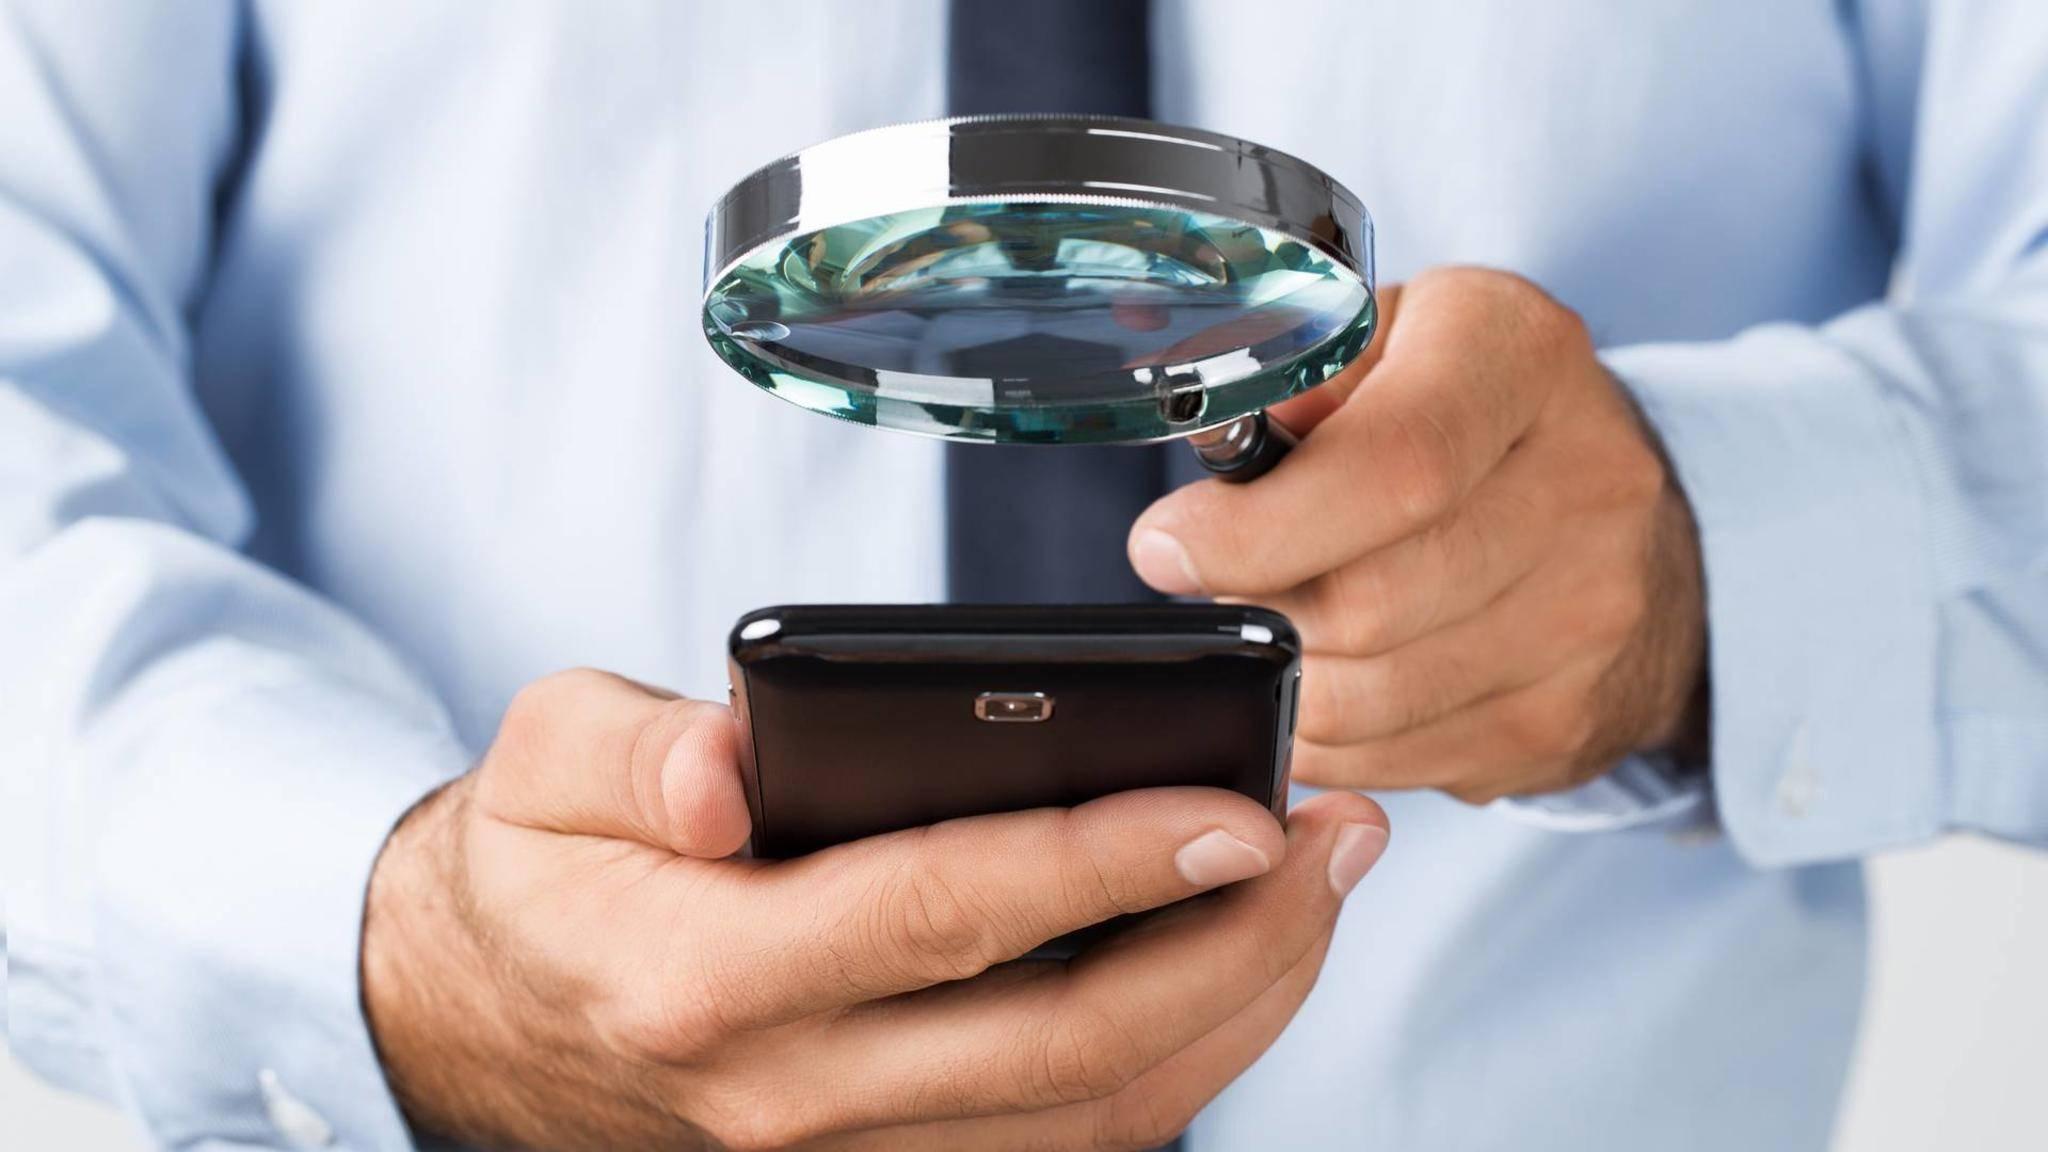 Den Bildschirminhalt auf PC und Smartphone kannst Du auch ohne Lupe vergrößern.